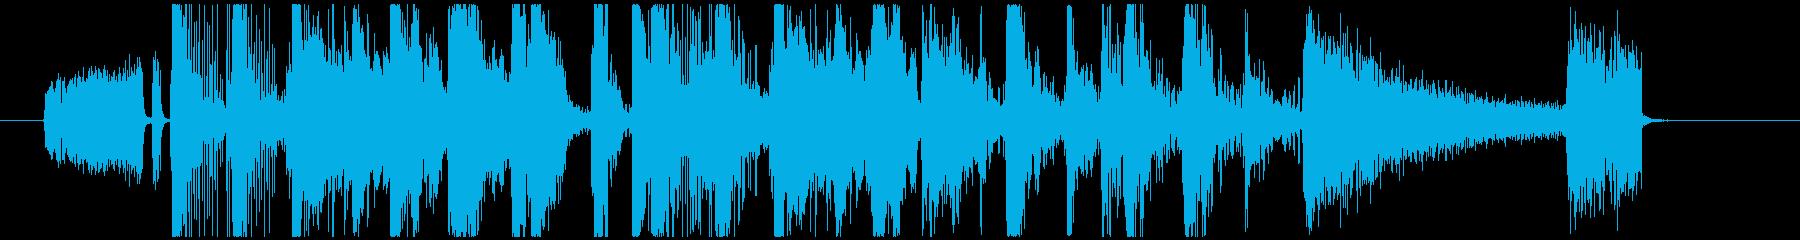 エレクトロ_ハイクオリティージングル_6の再生済みの波形